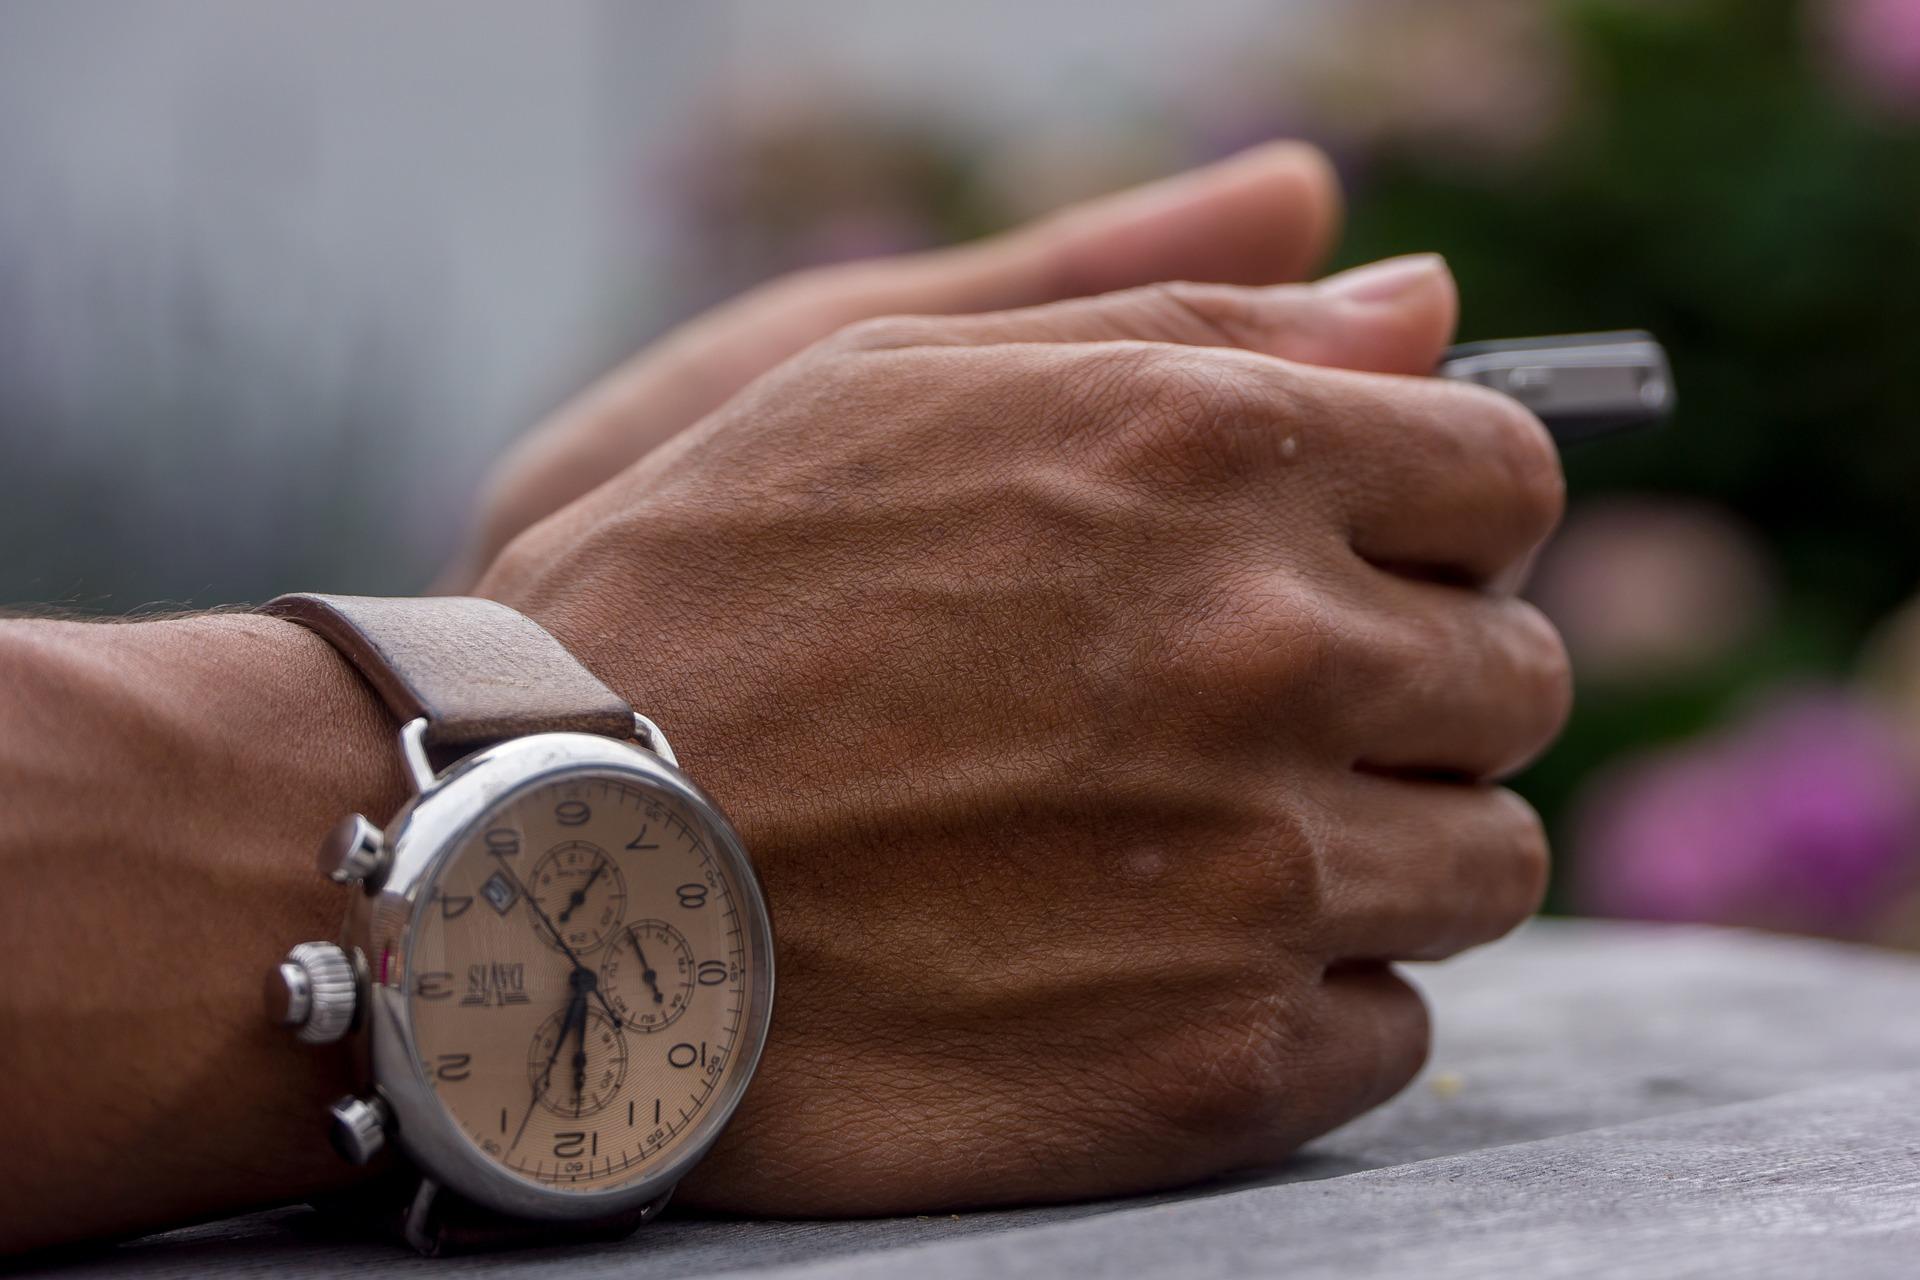 【恋愛診断】気になる男性の「腕時計」でわかる恋愛傾向